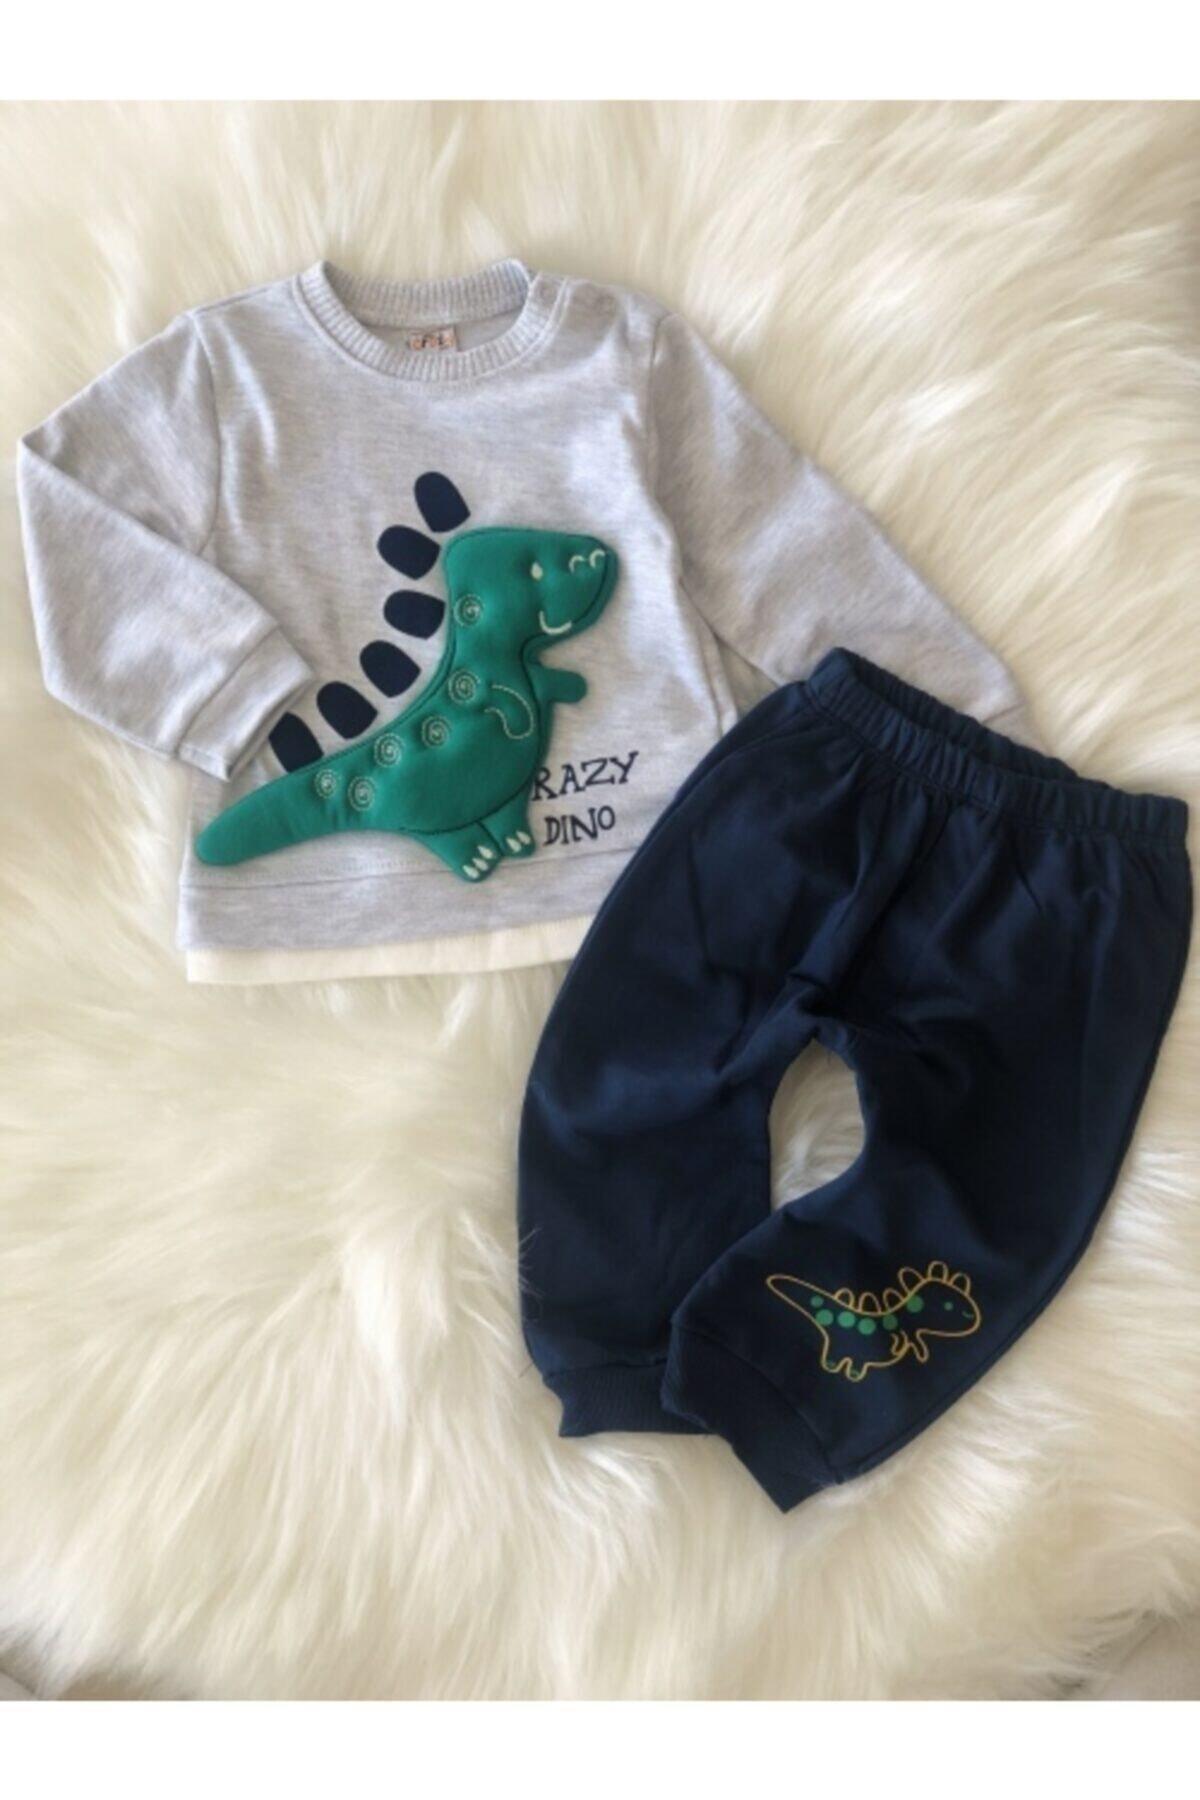 Crazy Baby Erkek Çocuk 9-12-18 Ay Dino Oyuncaklı Takım 1